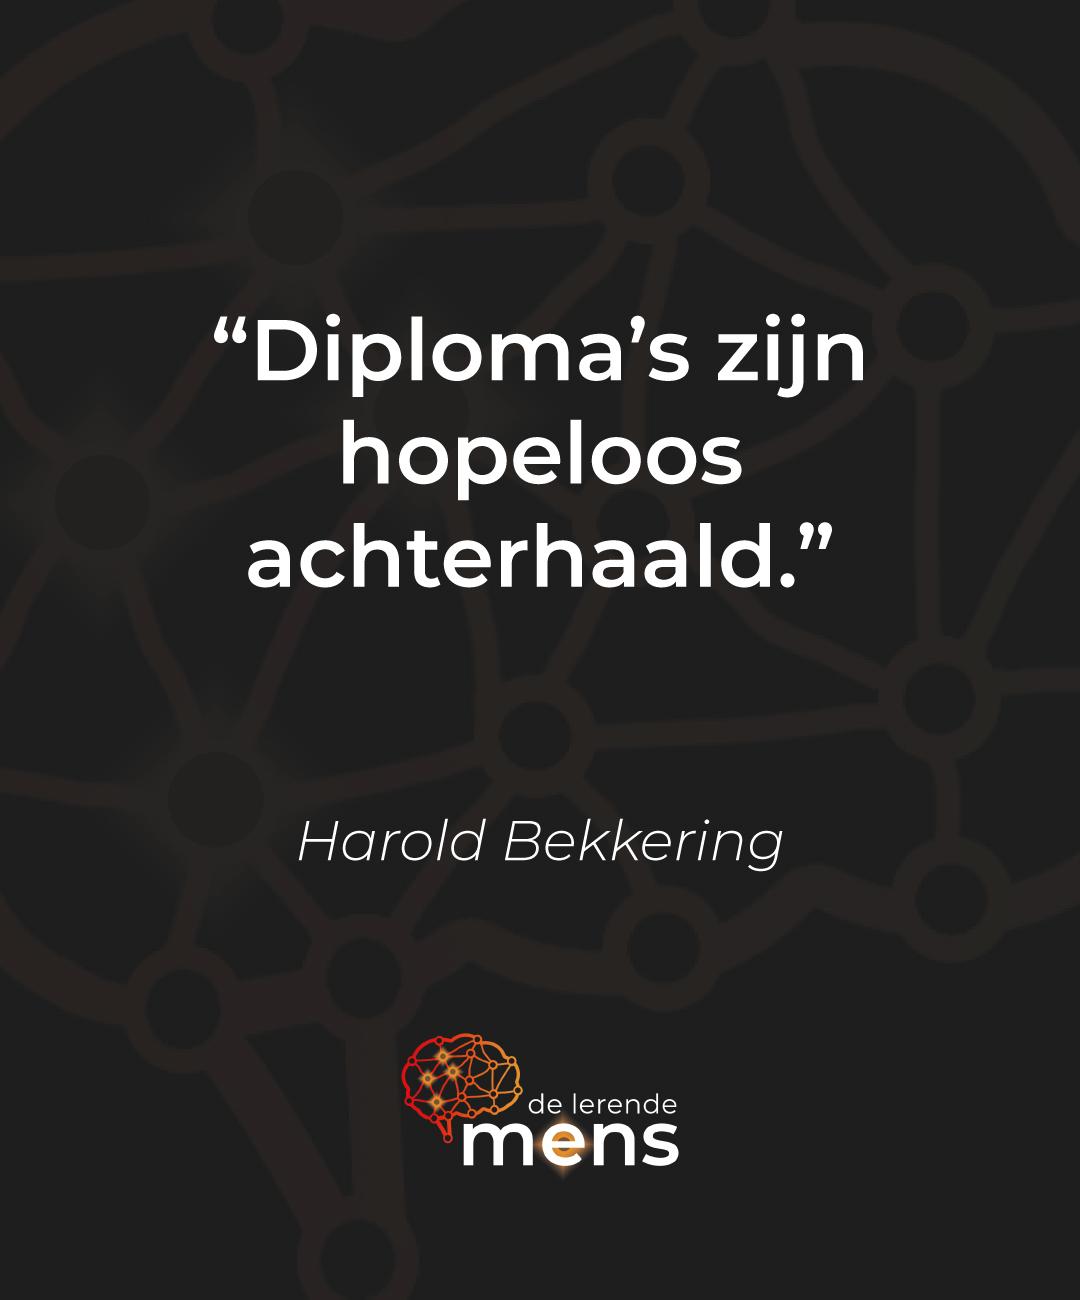 Diploma's-zijn-hopeloos-achterhaald